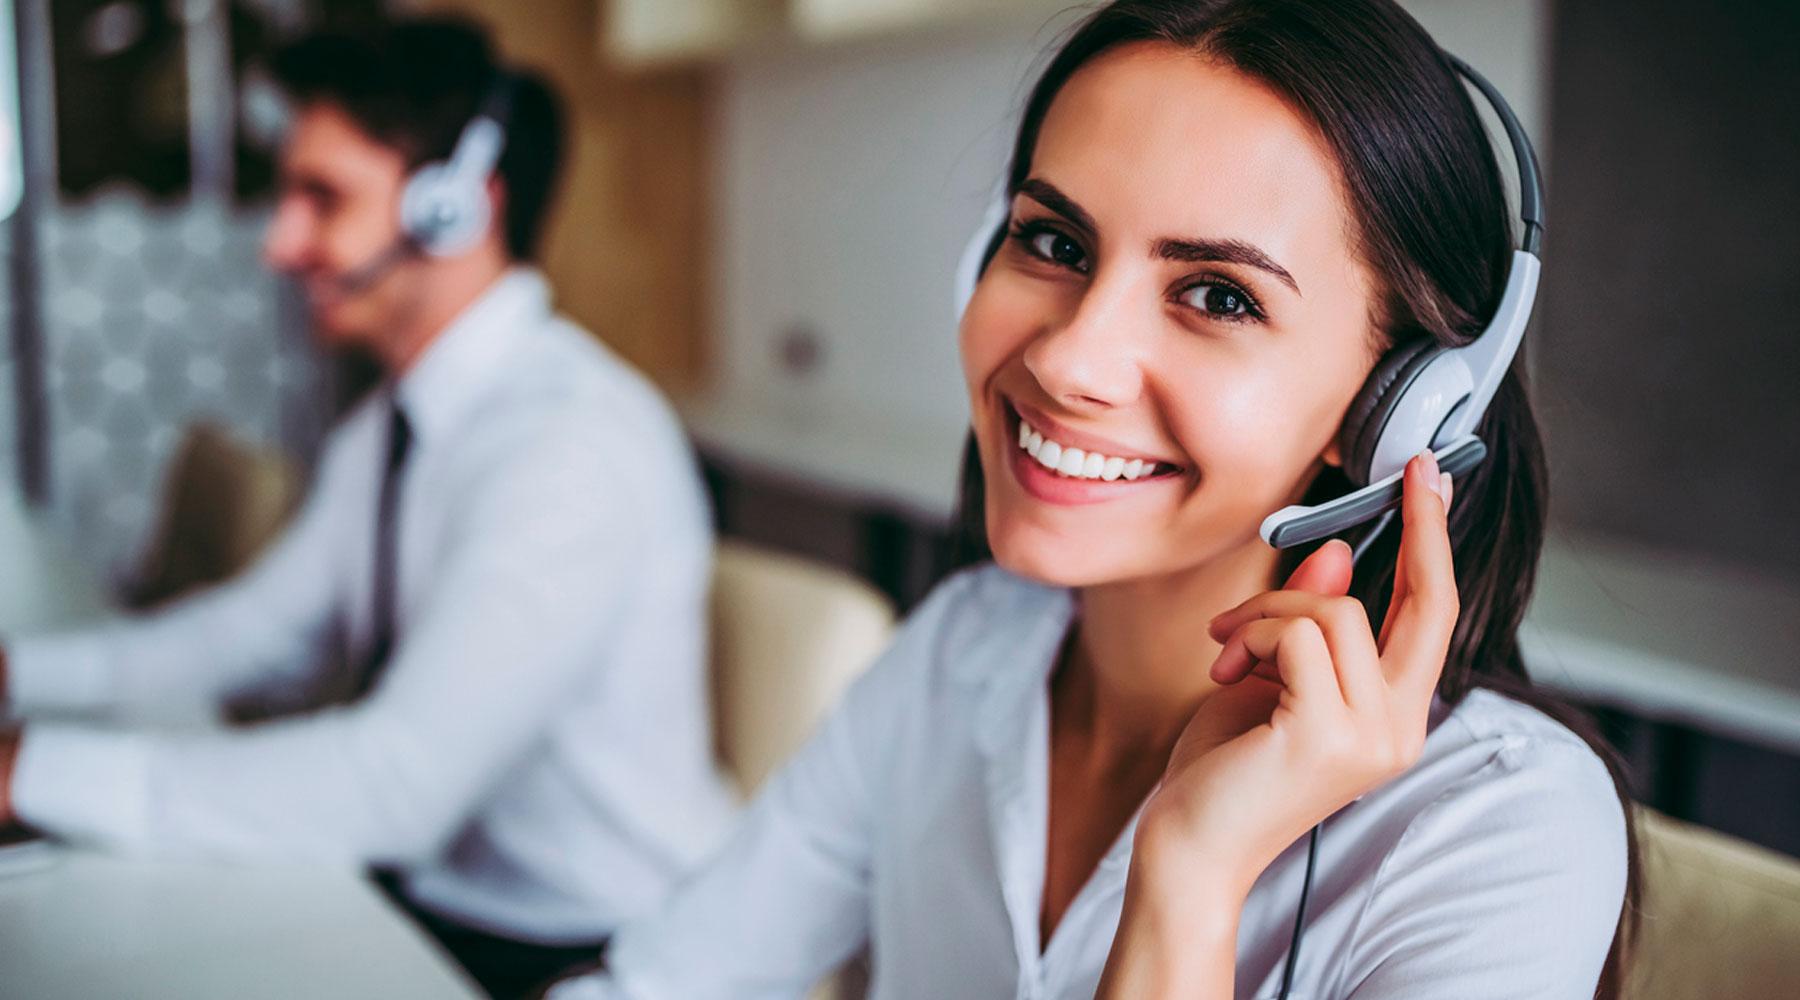 Trabajos-en-Call-Center-El-Aplicante